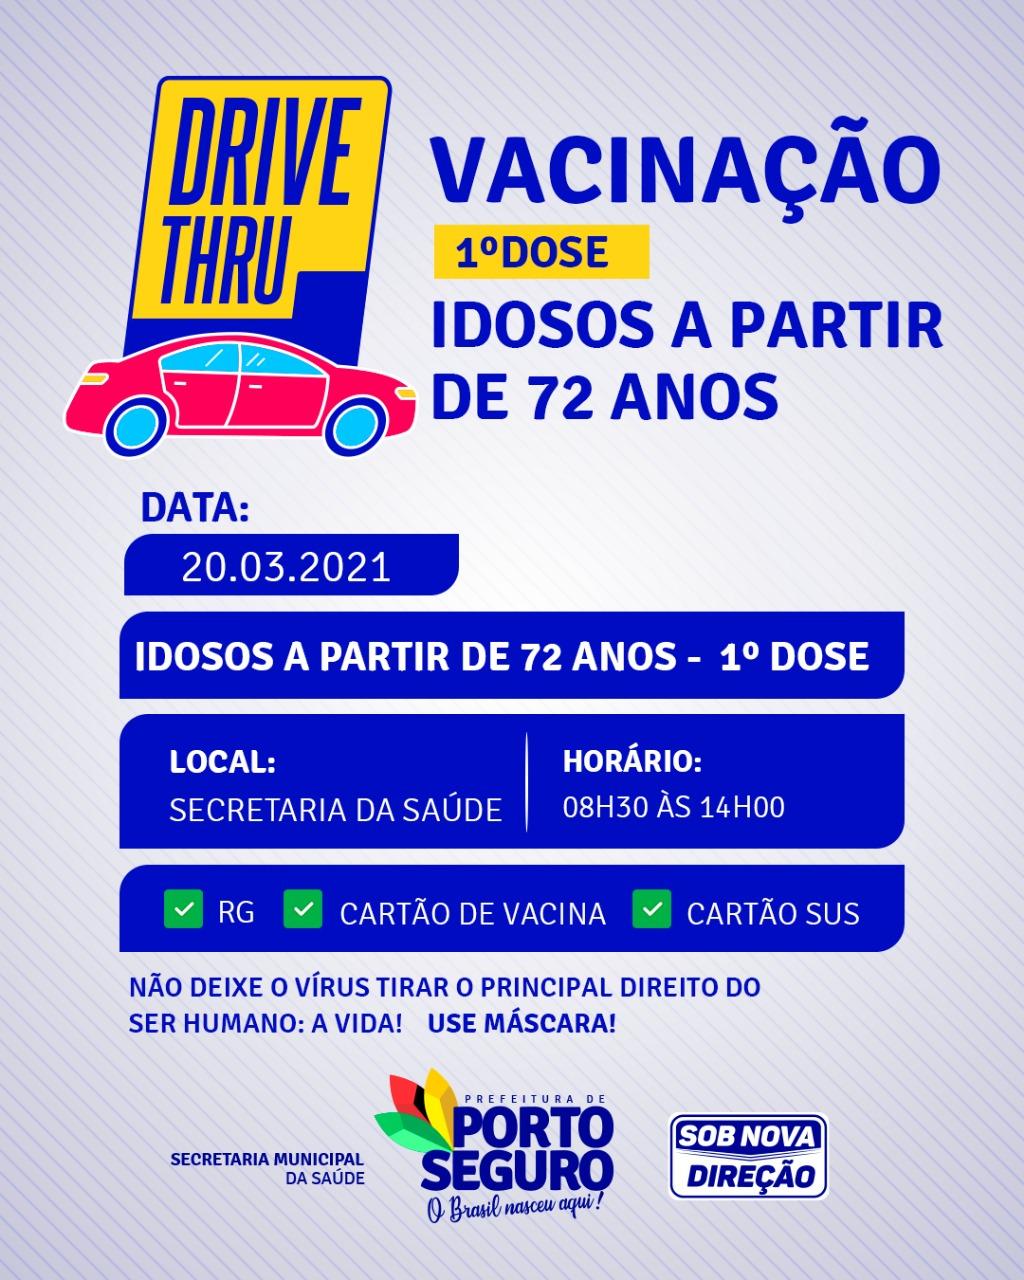 Drive Thru vacinação contra a COVID-19 idosos a partir de 72 anos na Terra Mãe do Brasil 18